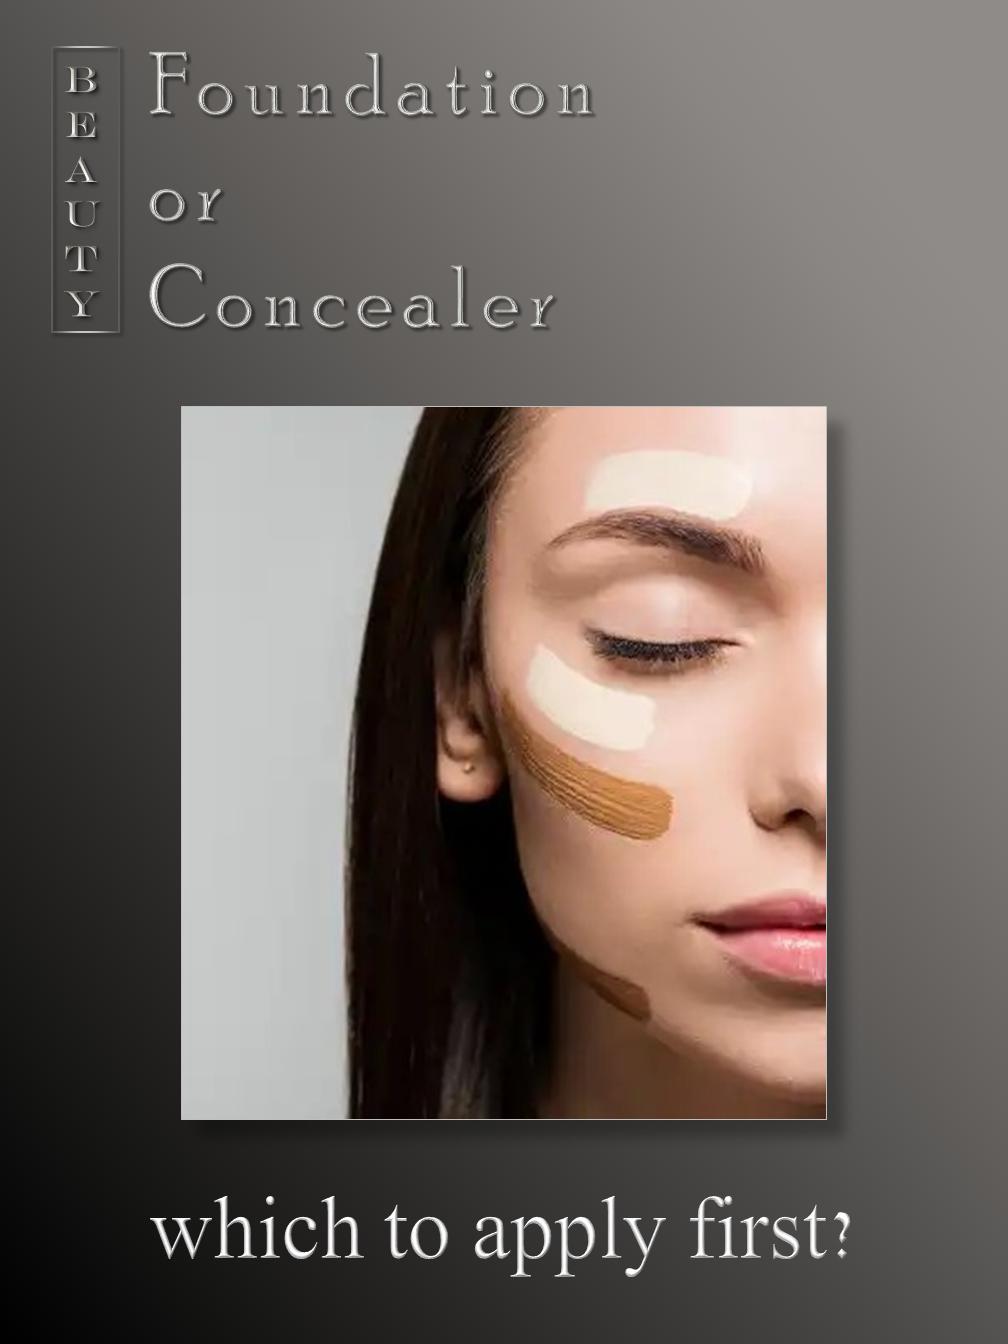 Foundation or Concealer